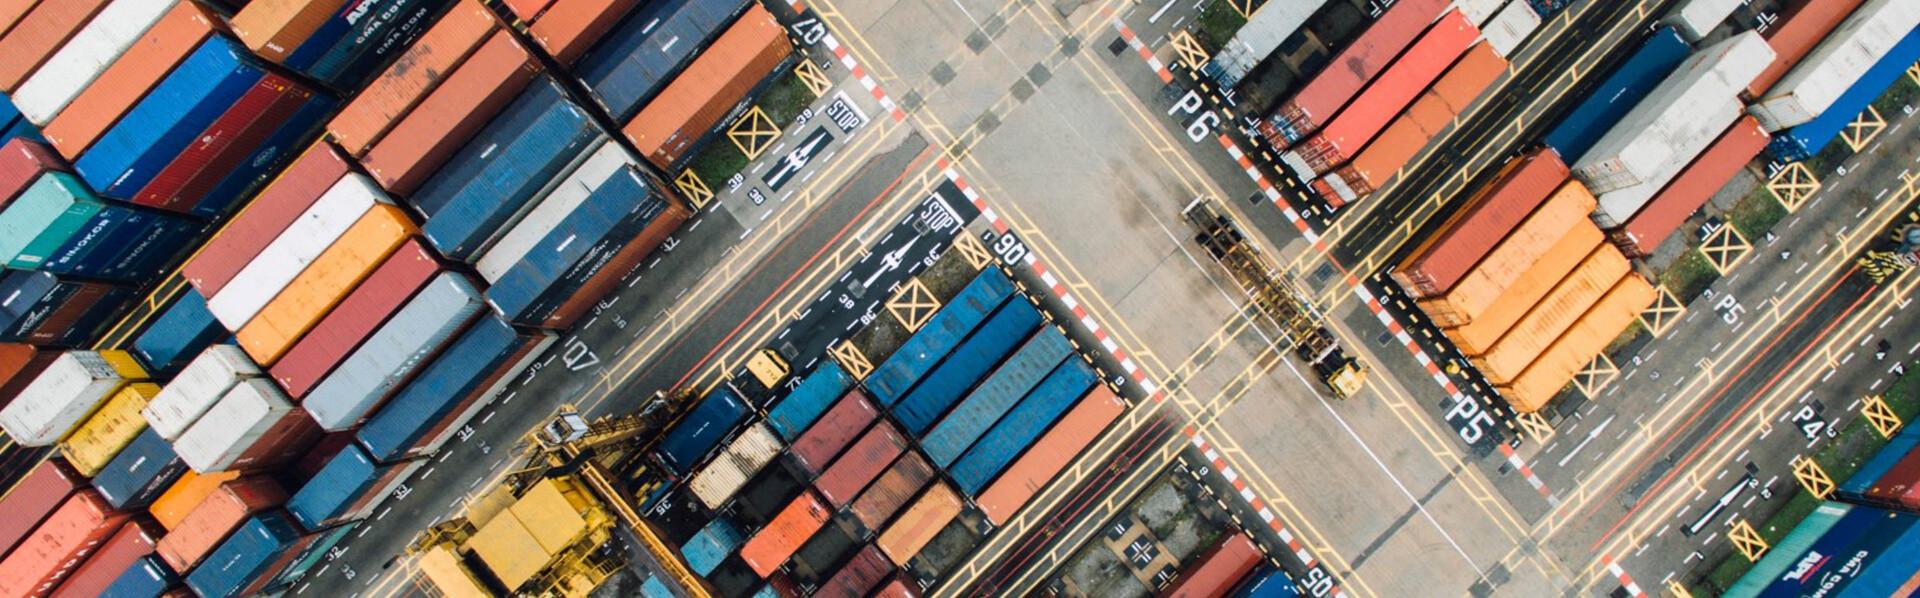 89f238f75fef2c6 - Ortungsgerät für Container | Arvento imt.54